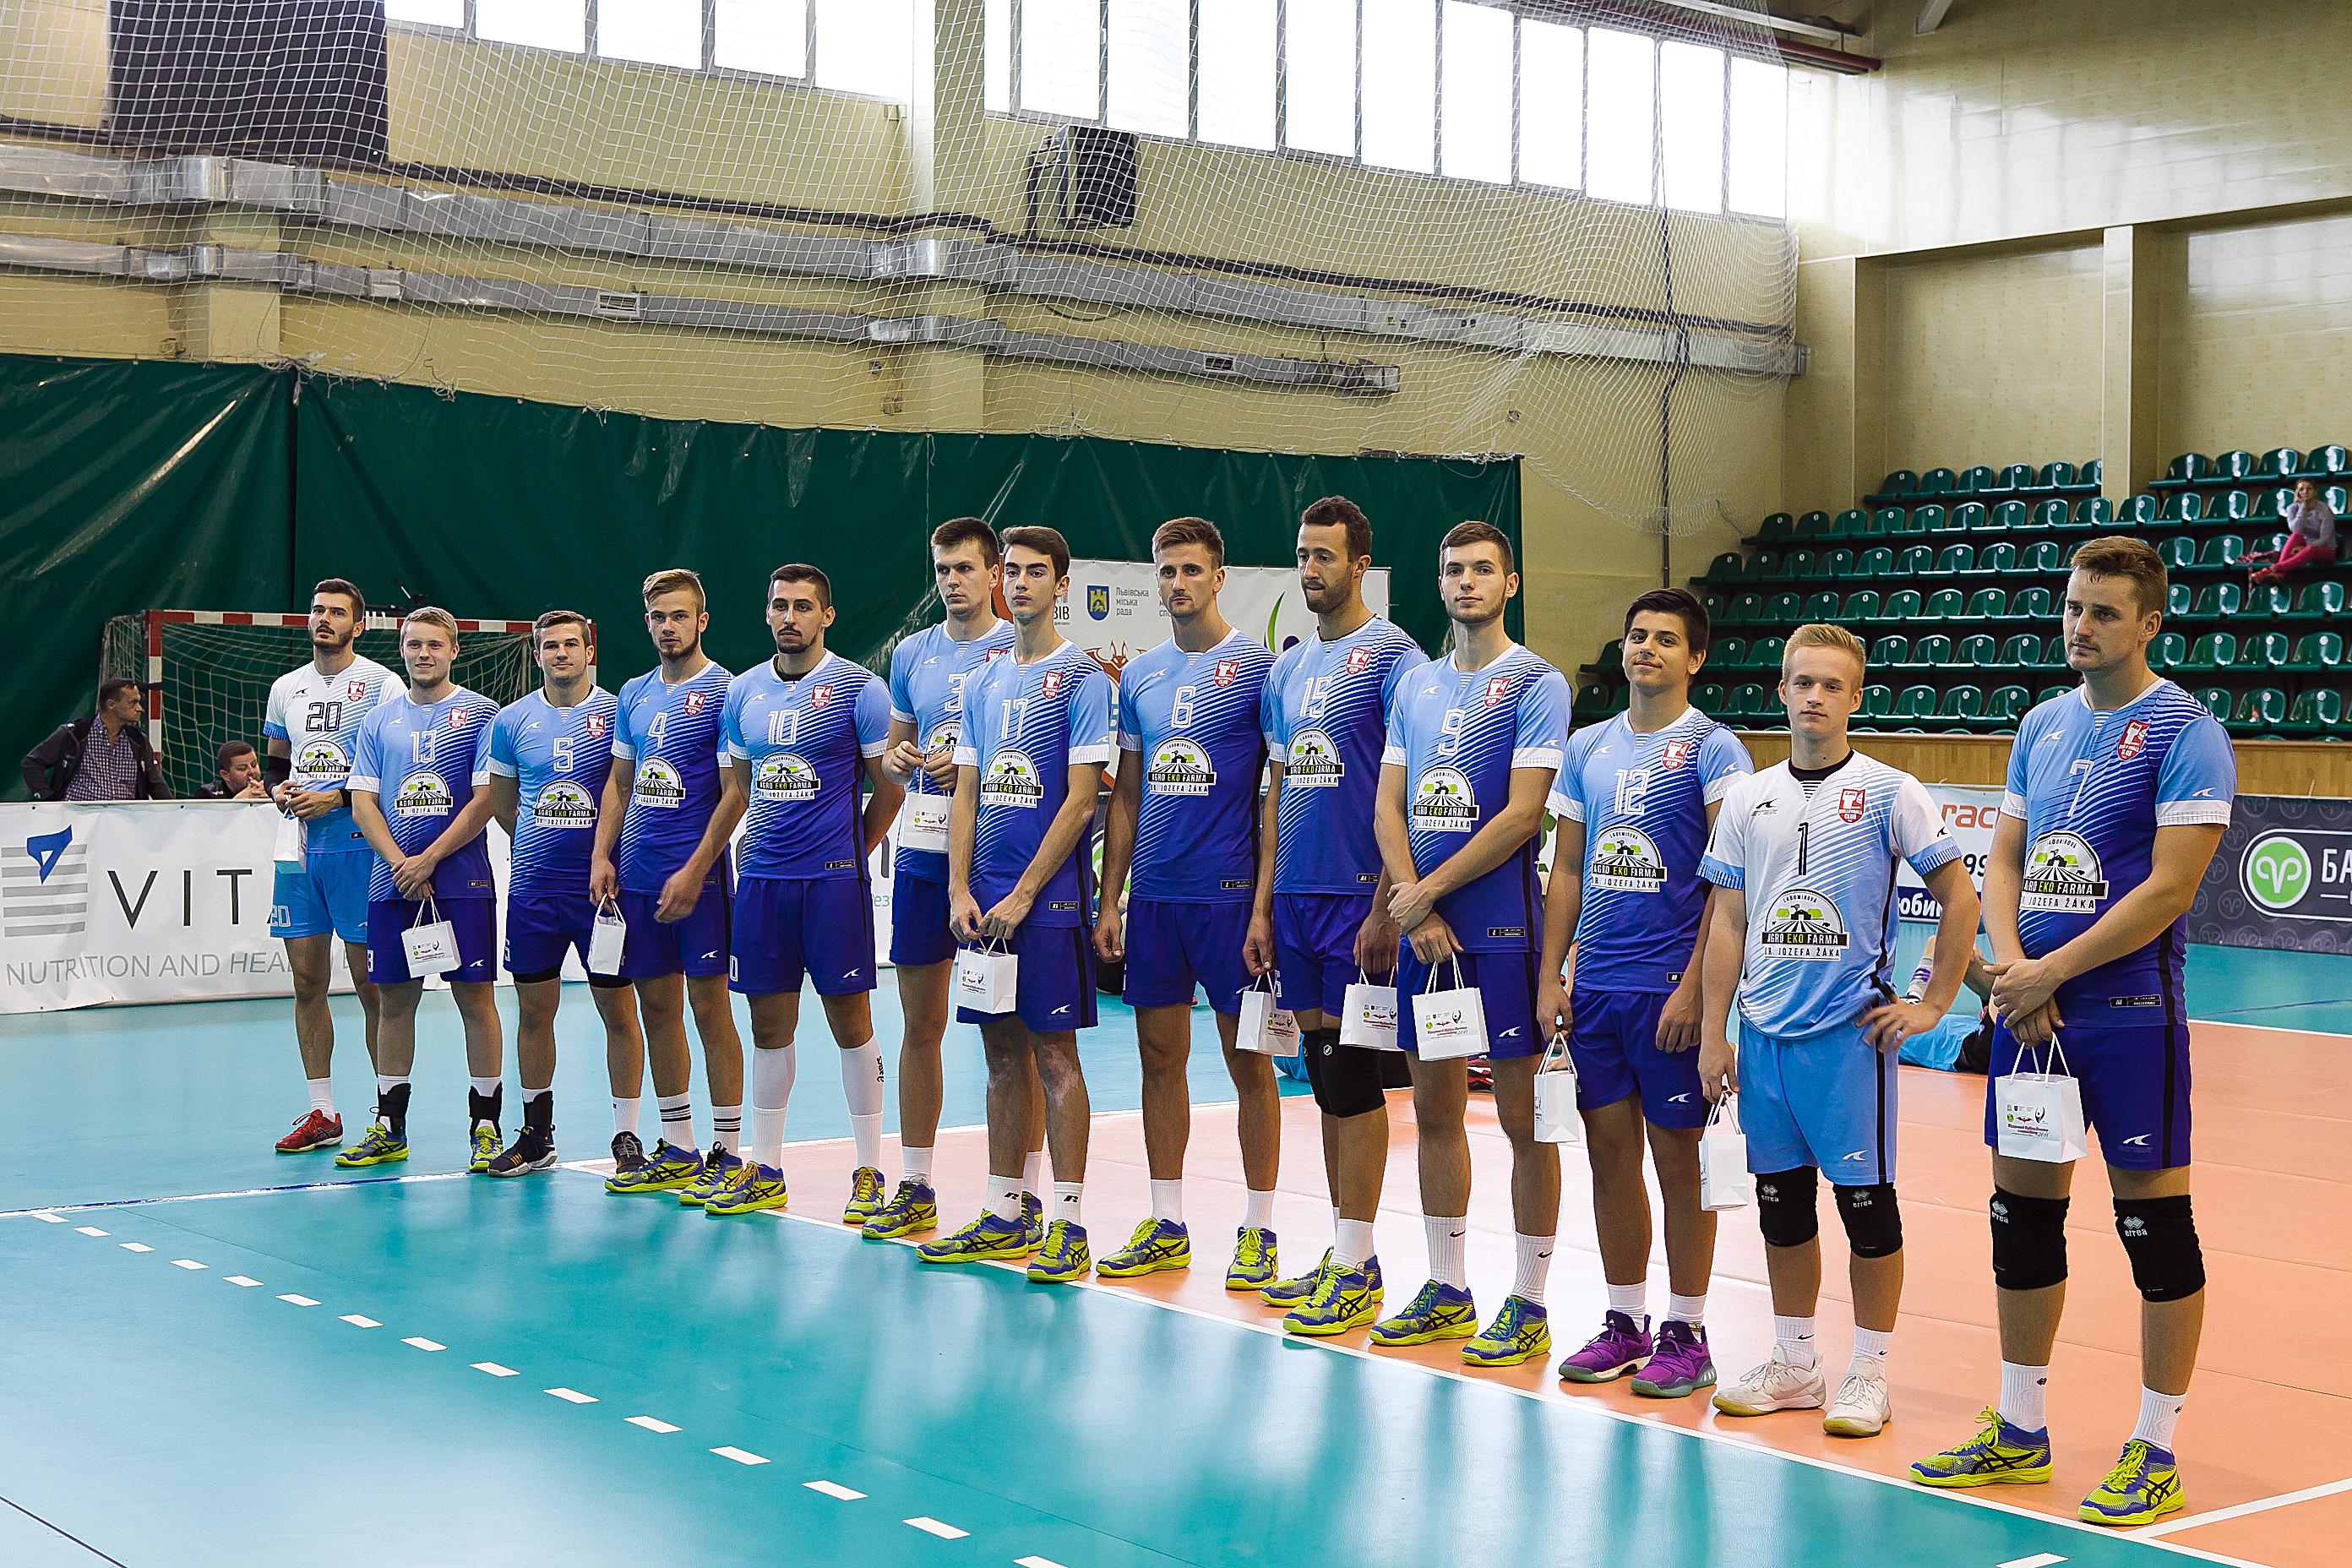 Відкритий Кубок Львова з волейболу 2018. ФОТОЗВІТ - 74